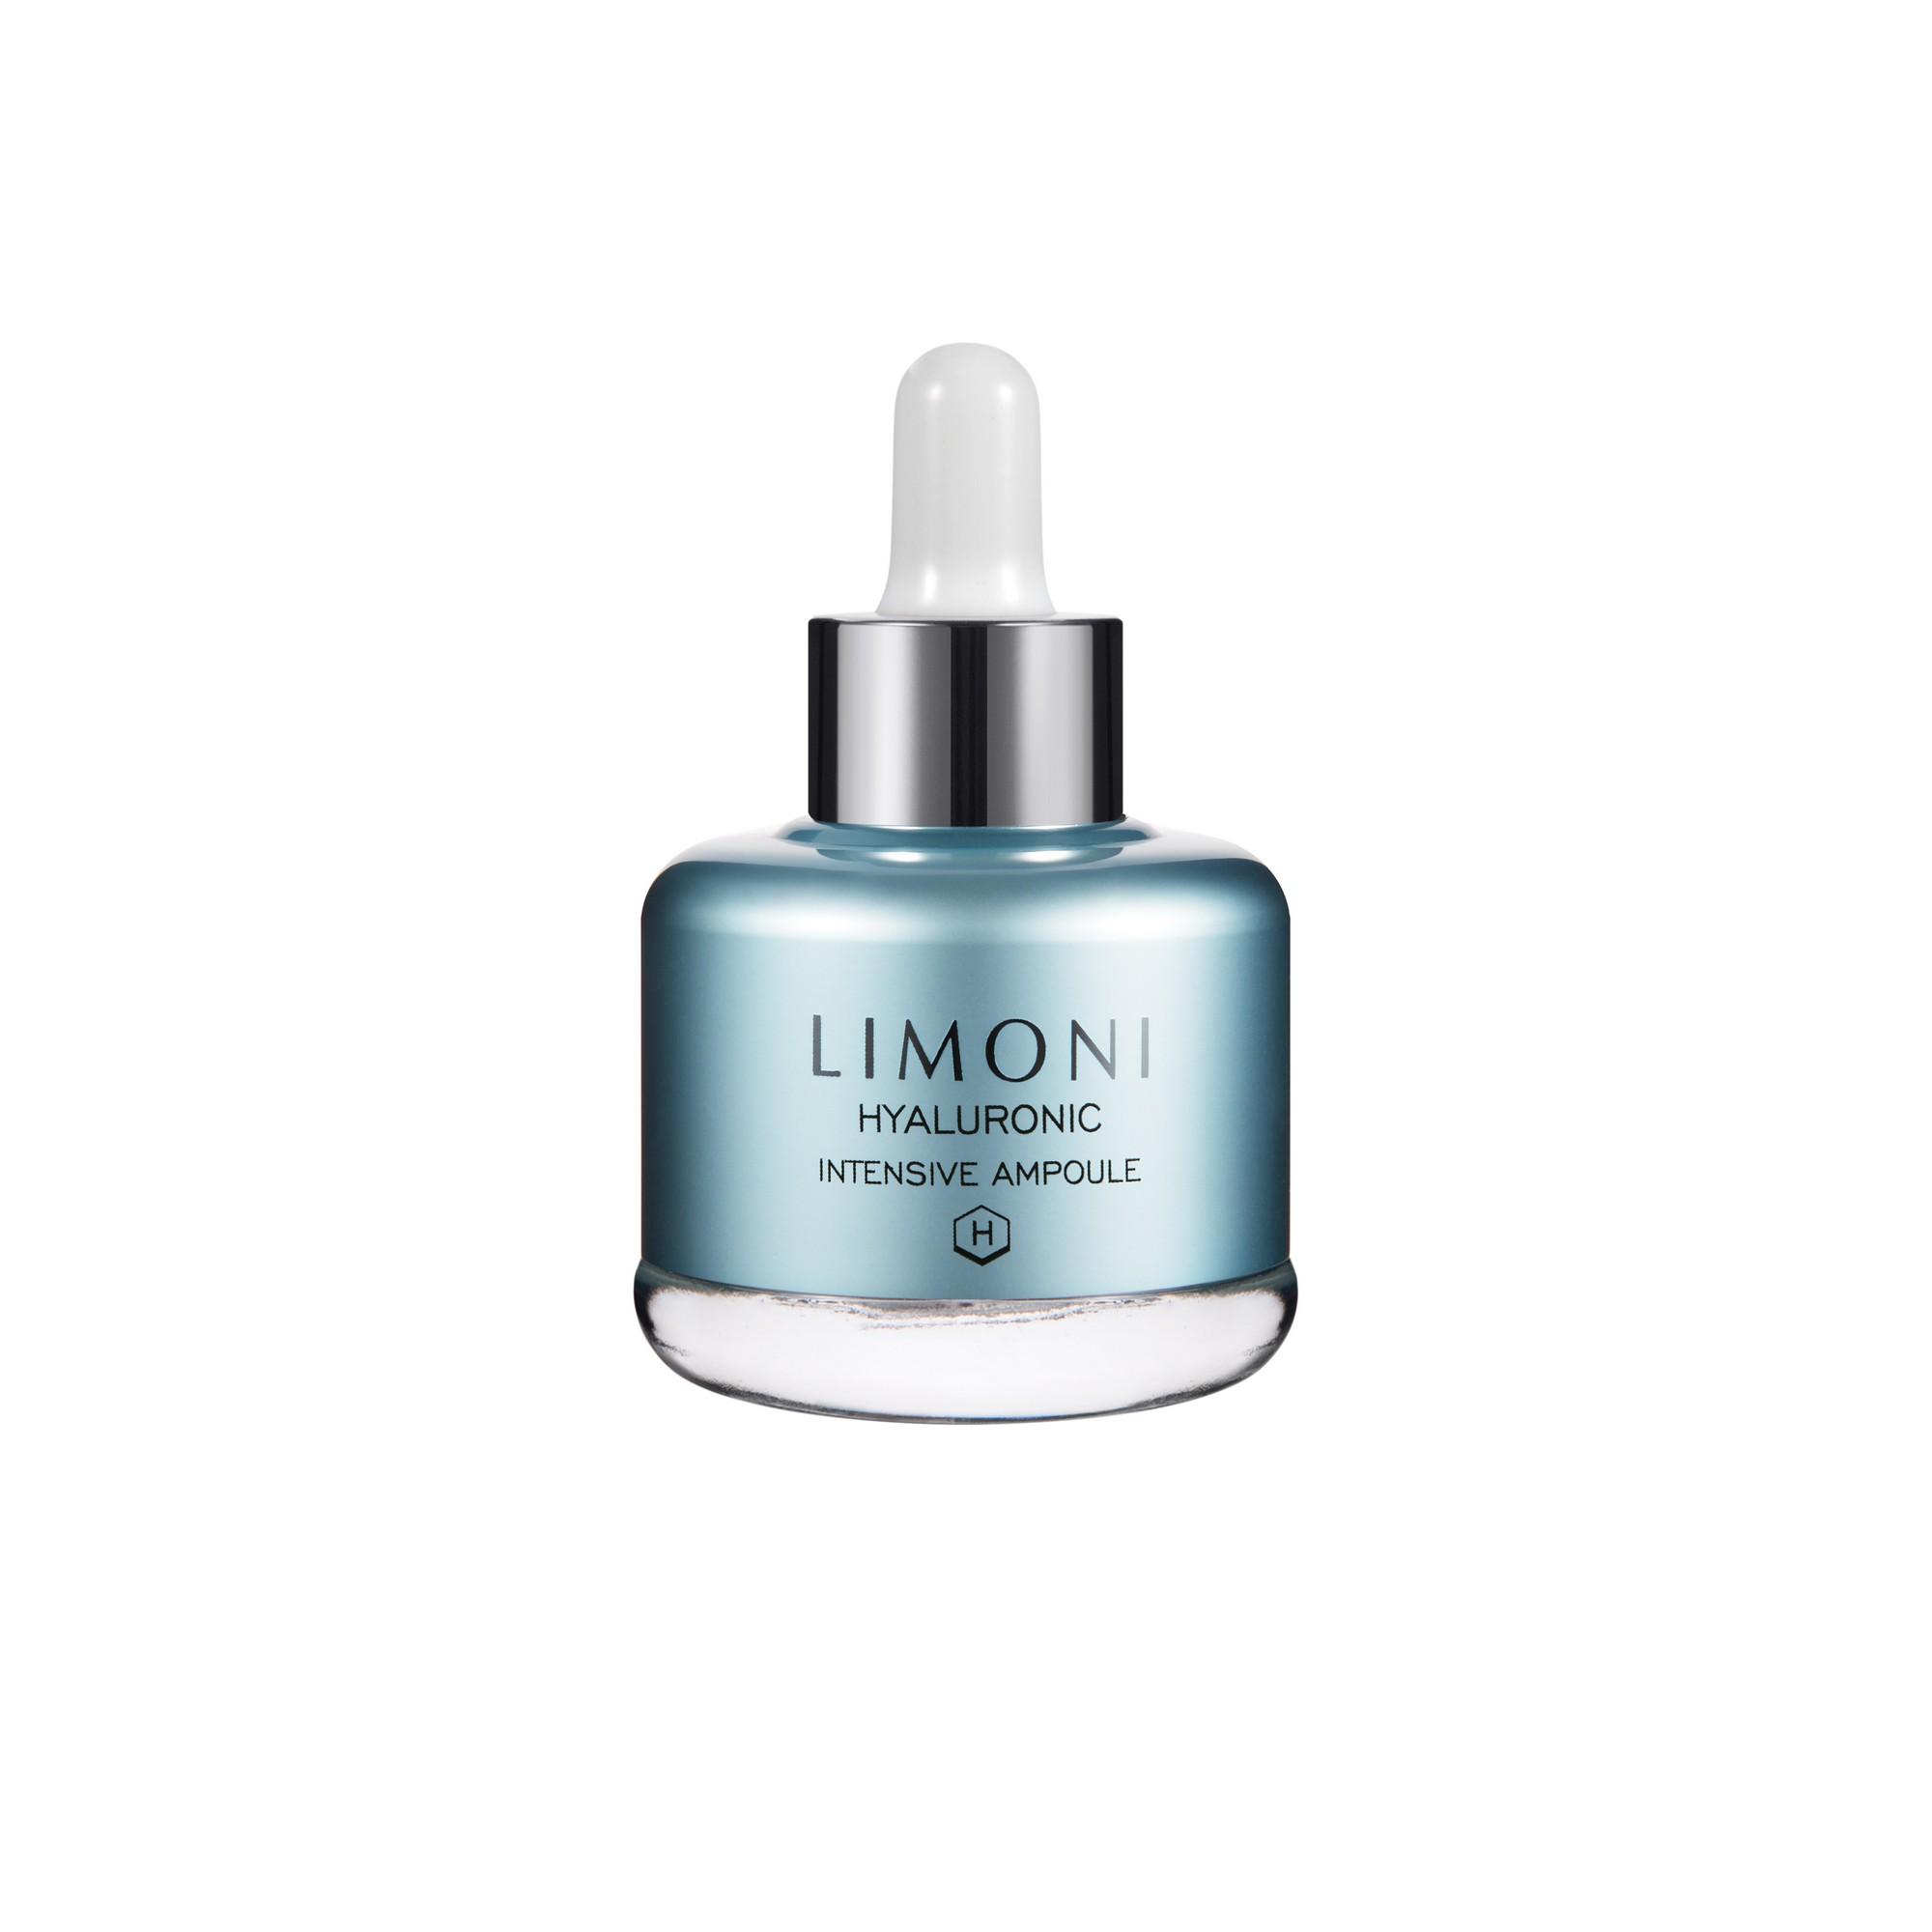 LIMONI Сыворотка для лица ультраувлажняющая с гиалуроновой кислотой / Hyaluronic Intensive Ampoule 25 мл от Галерея Косметики